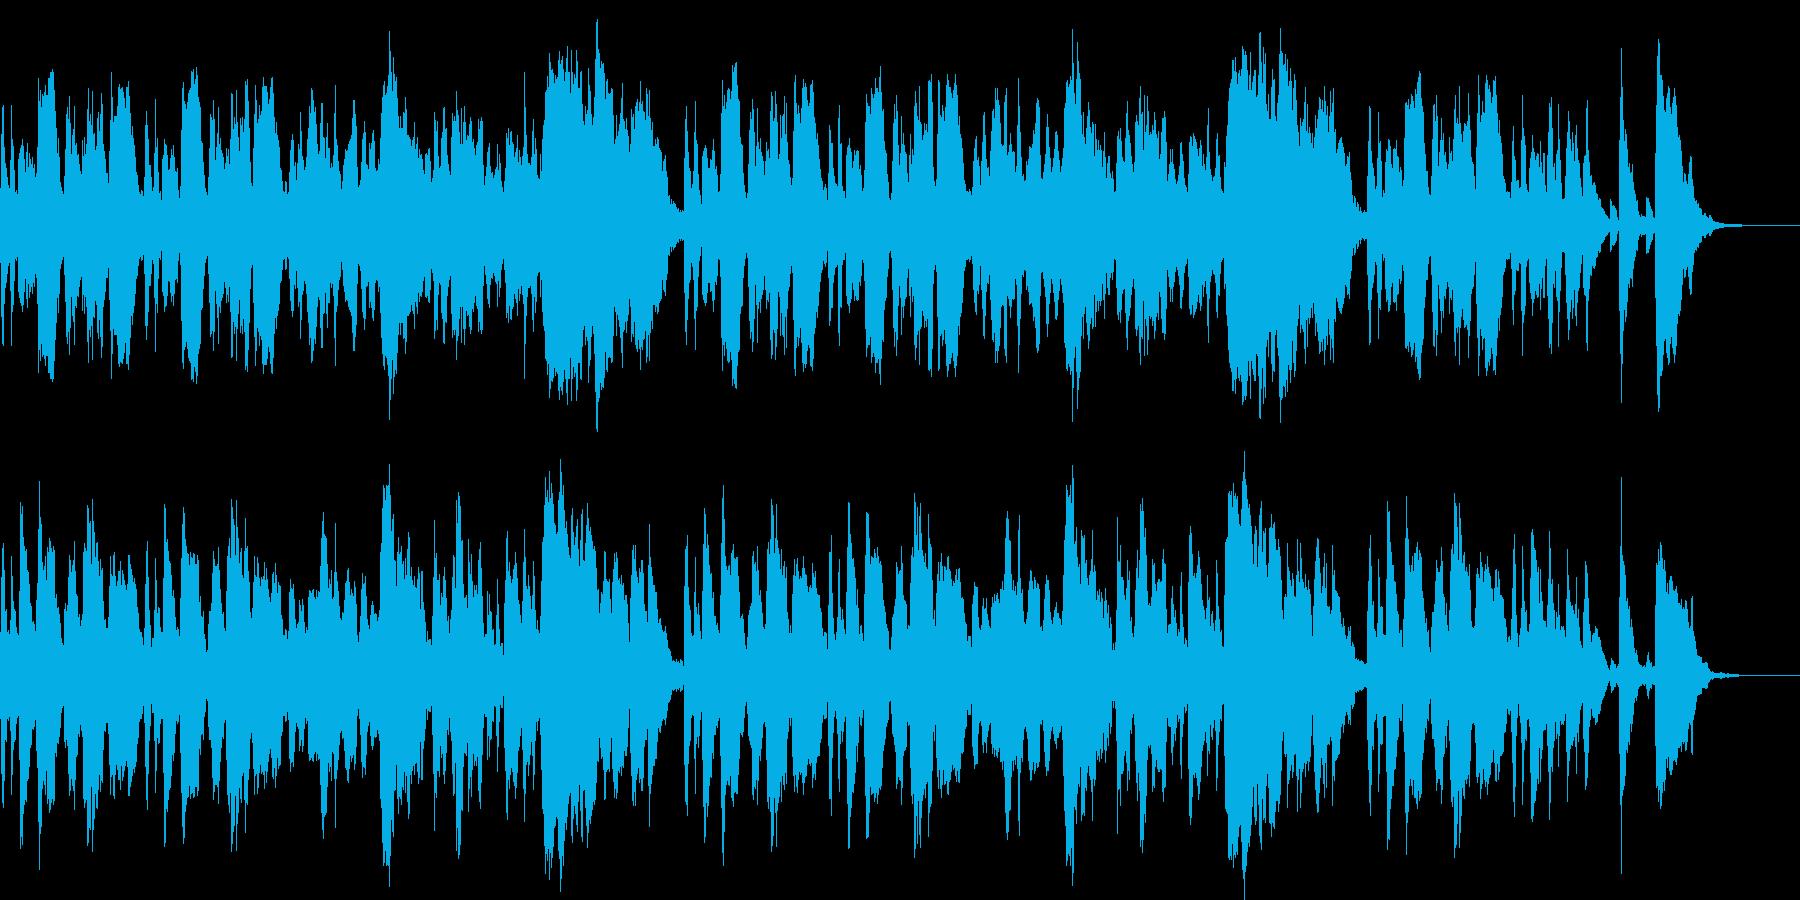 ほのぼのとした雰囲気のオーケストラ曲の再生済みの波形